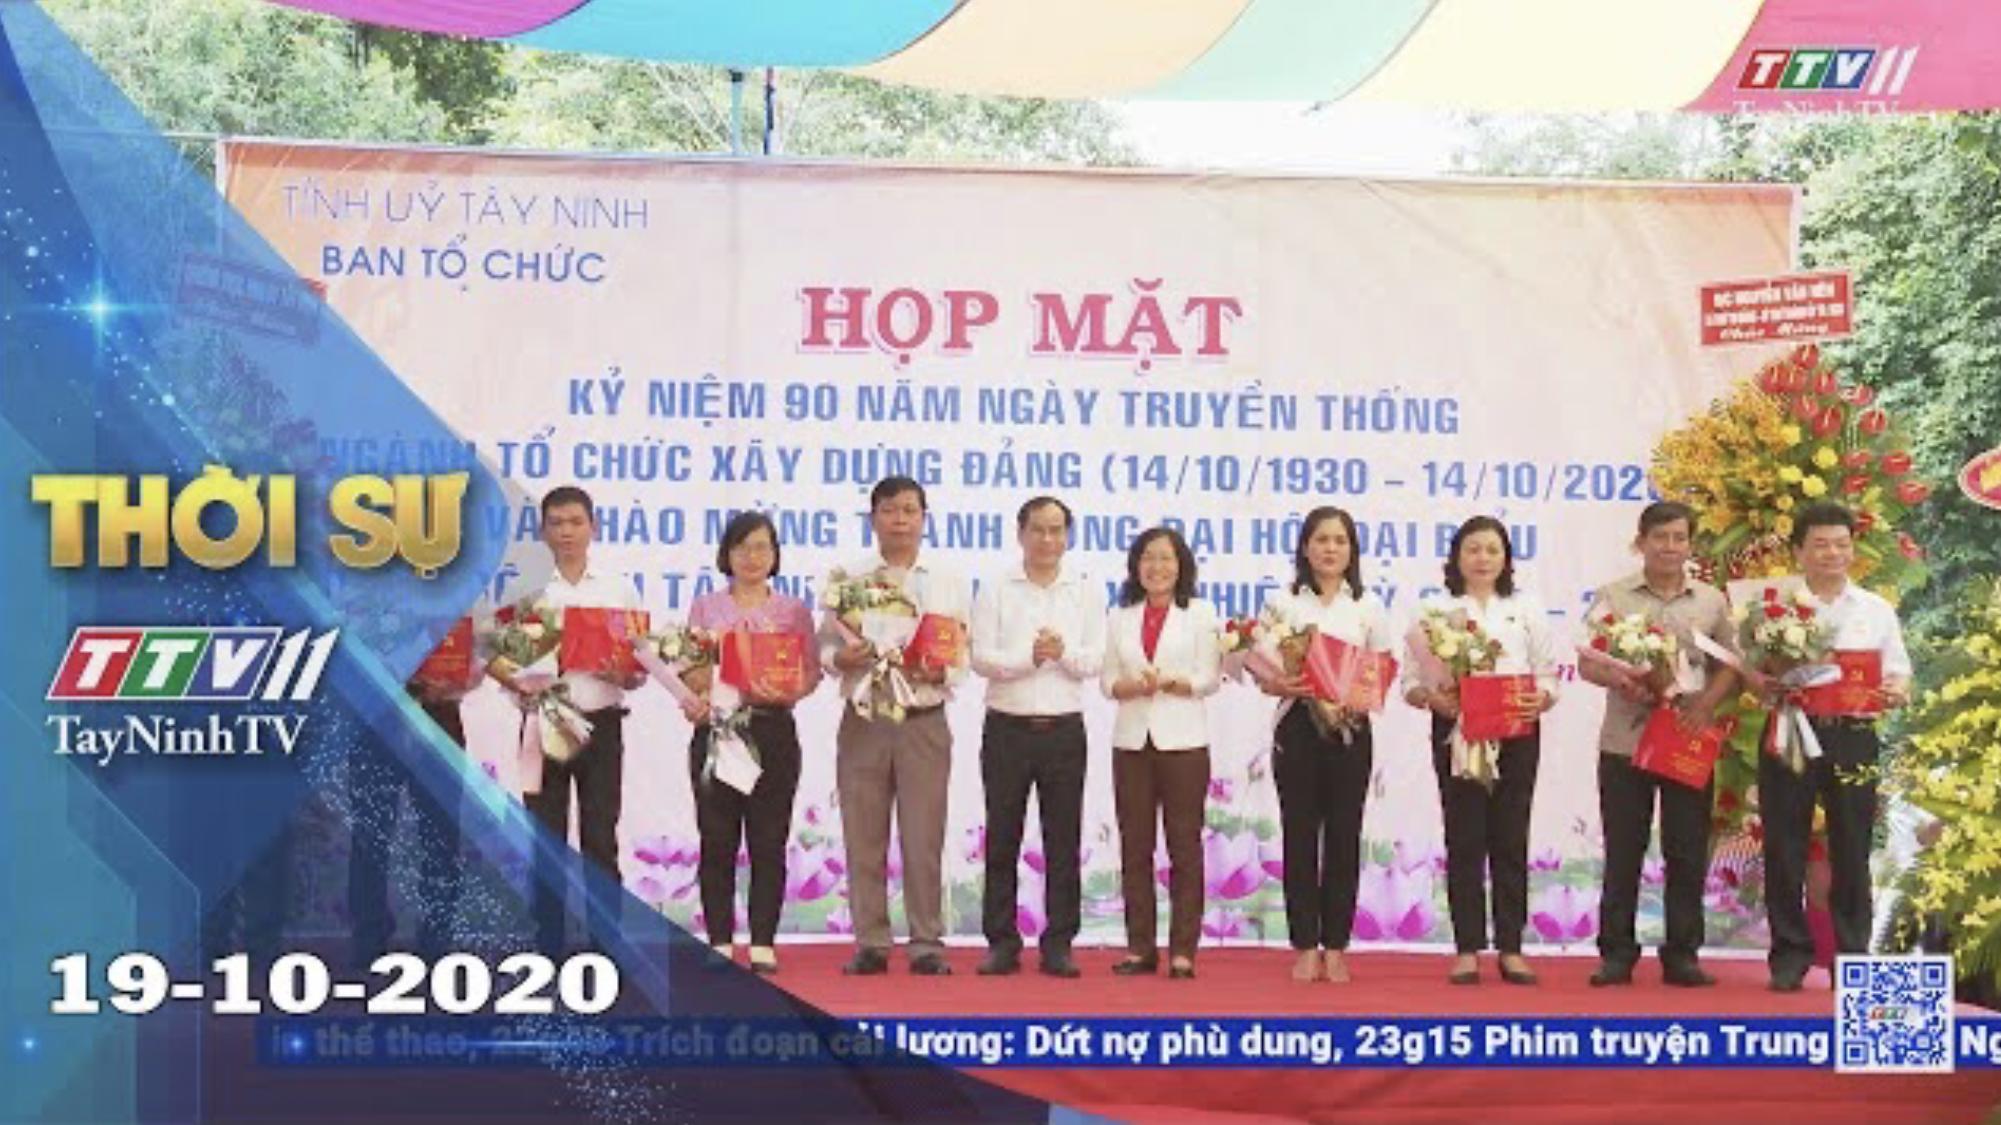 Thời sự Tây Ninh 19-10-2020 | Tin tức hôm nay | TayNinhTV